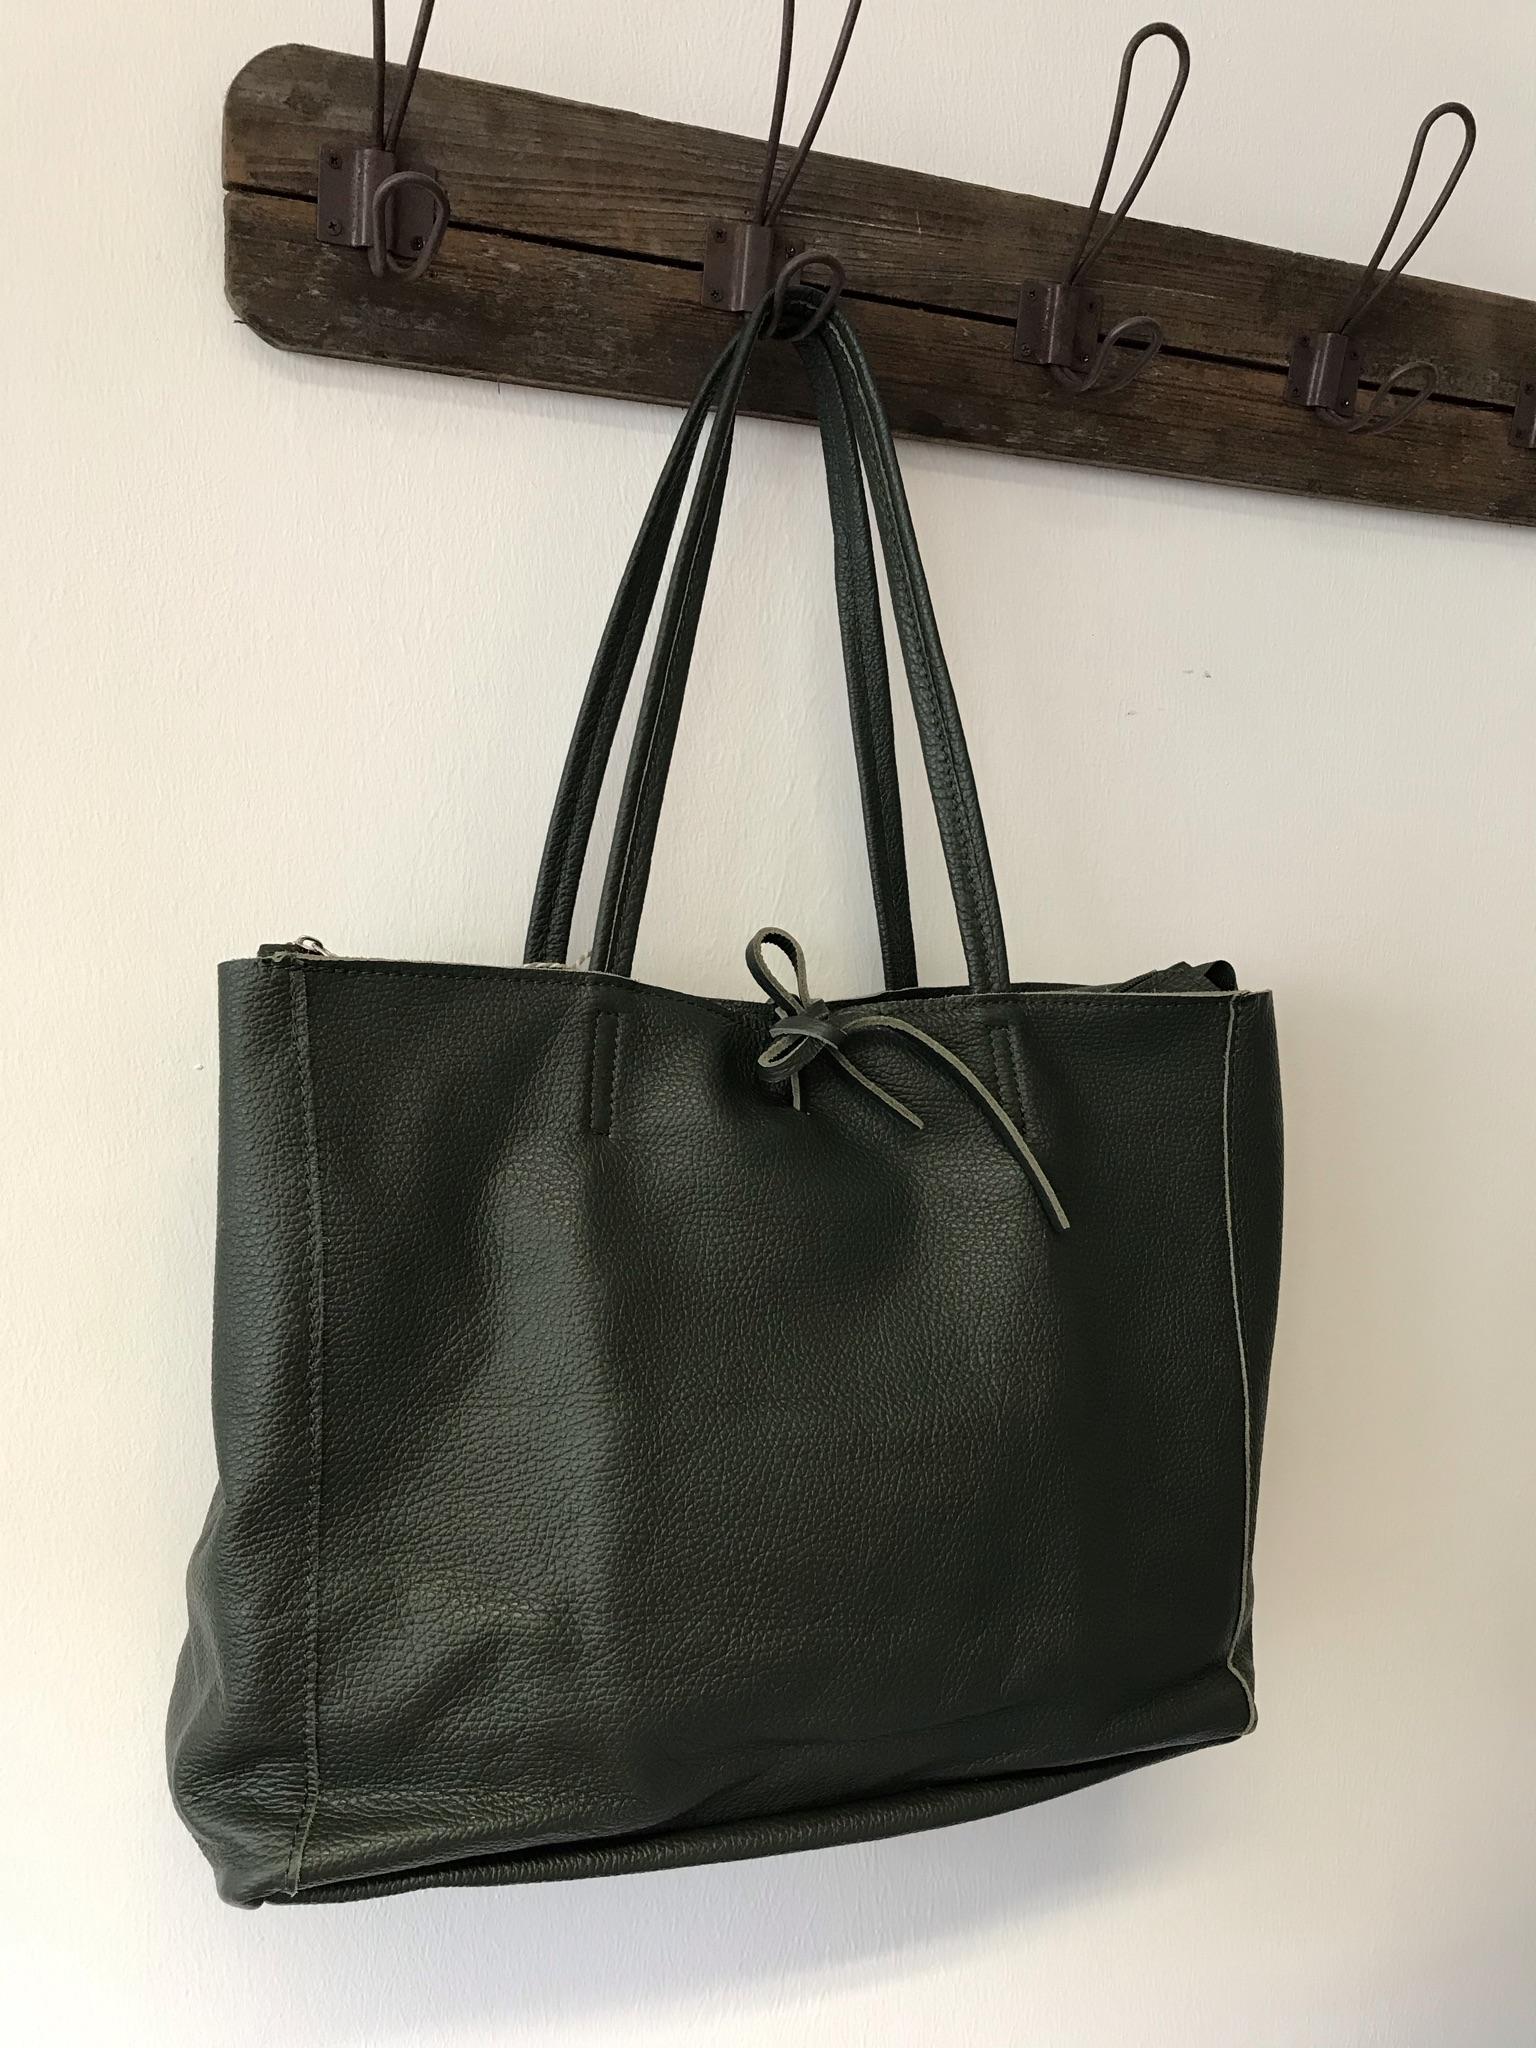 Umhängetasche aus Leder in dunkel grün